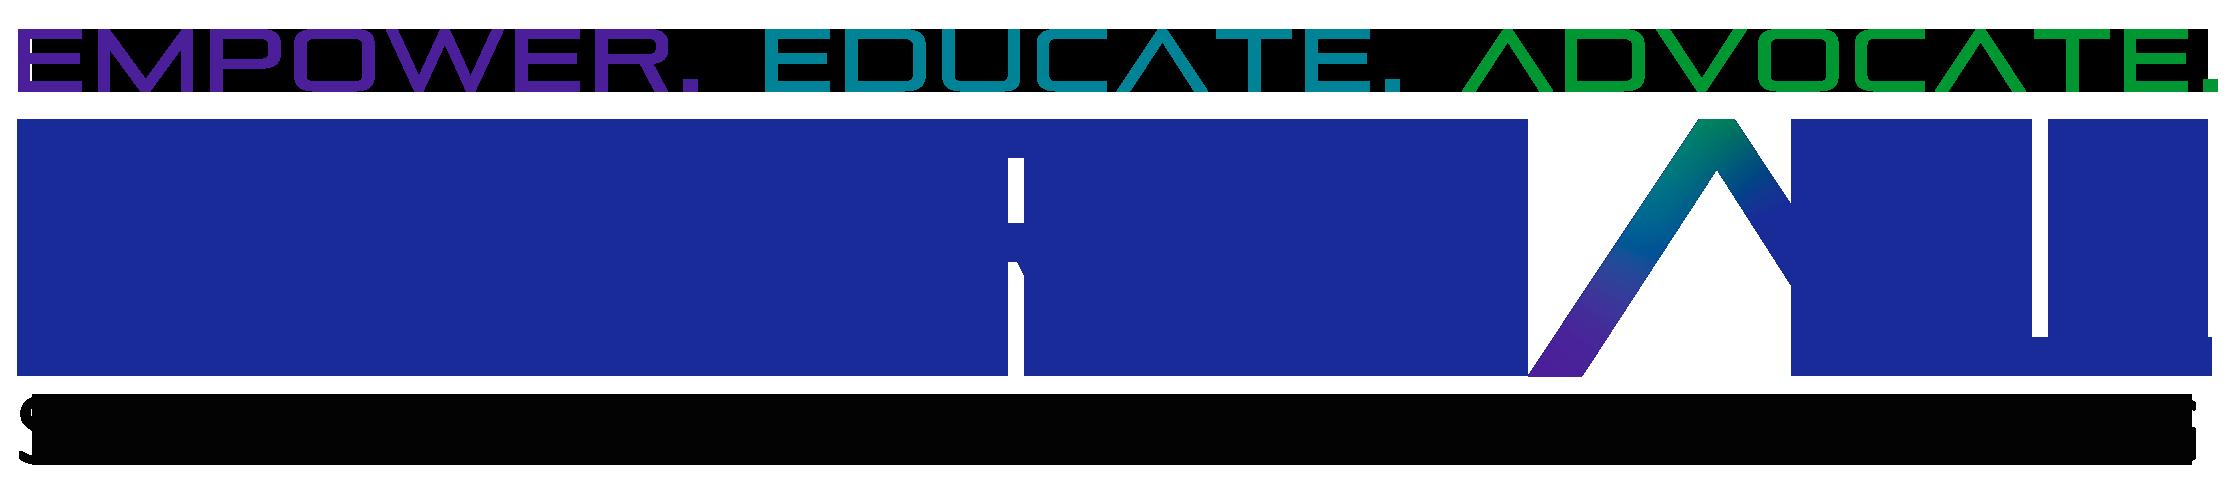 logo_norcal_retina.png